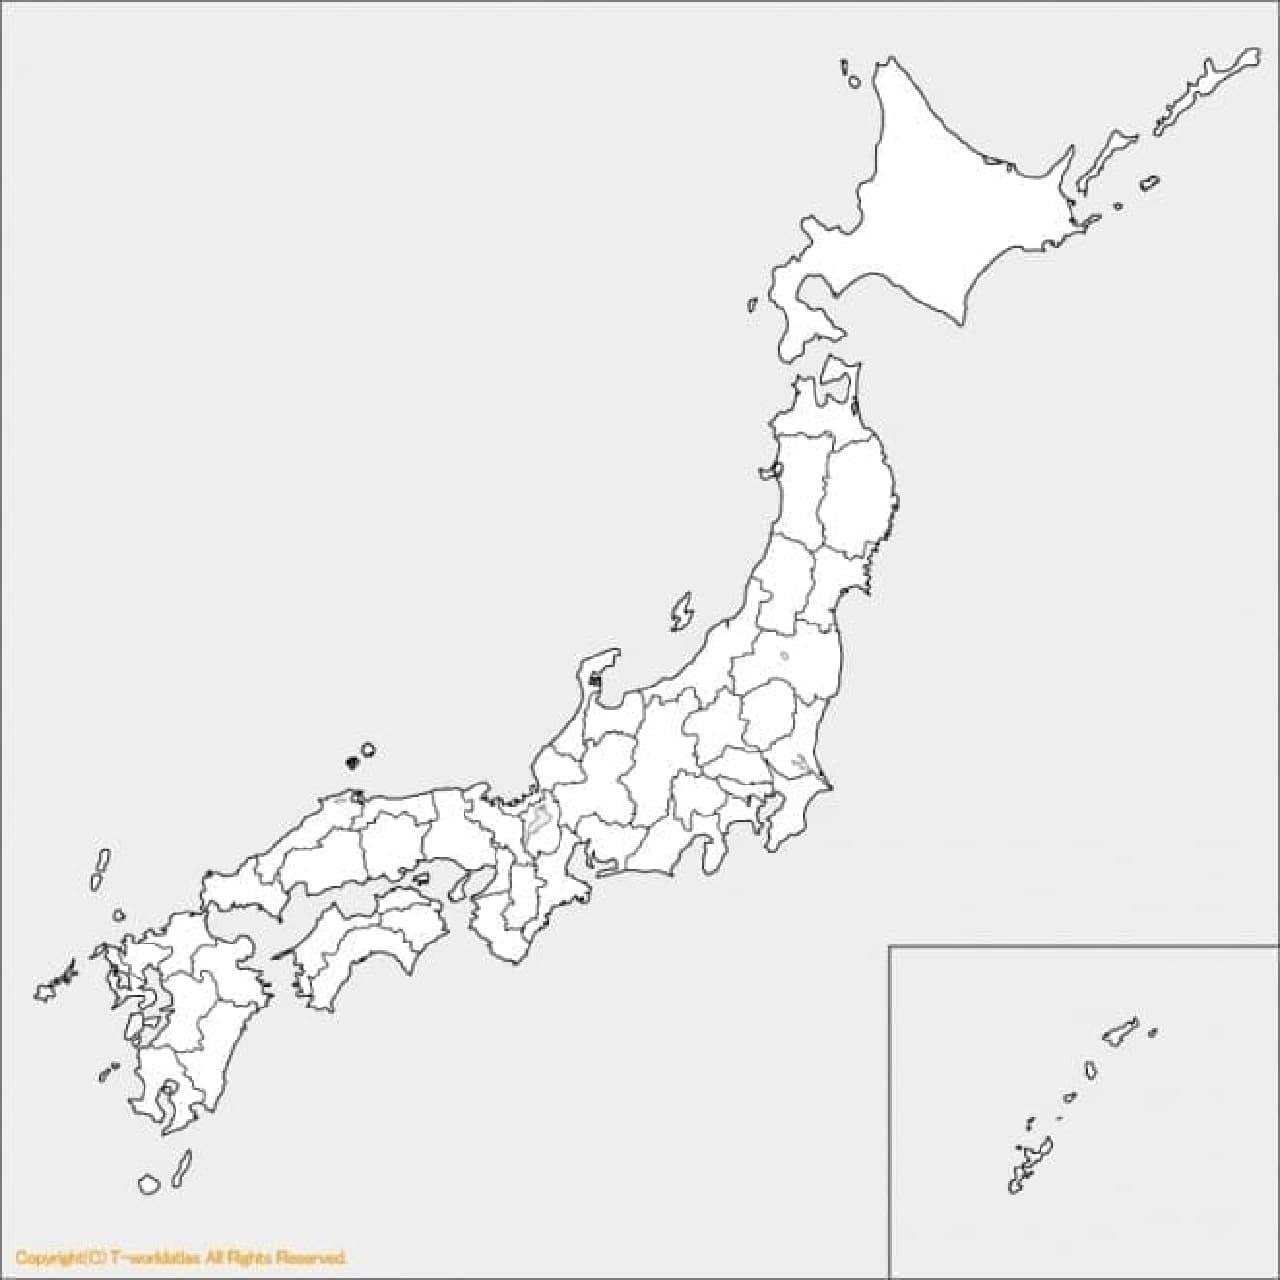 こういう白地図を壁に貼り、  制覇した都道府県を塗りつぶしています